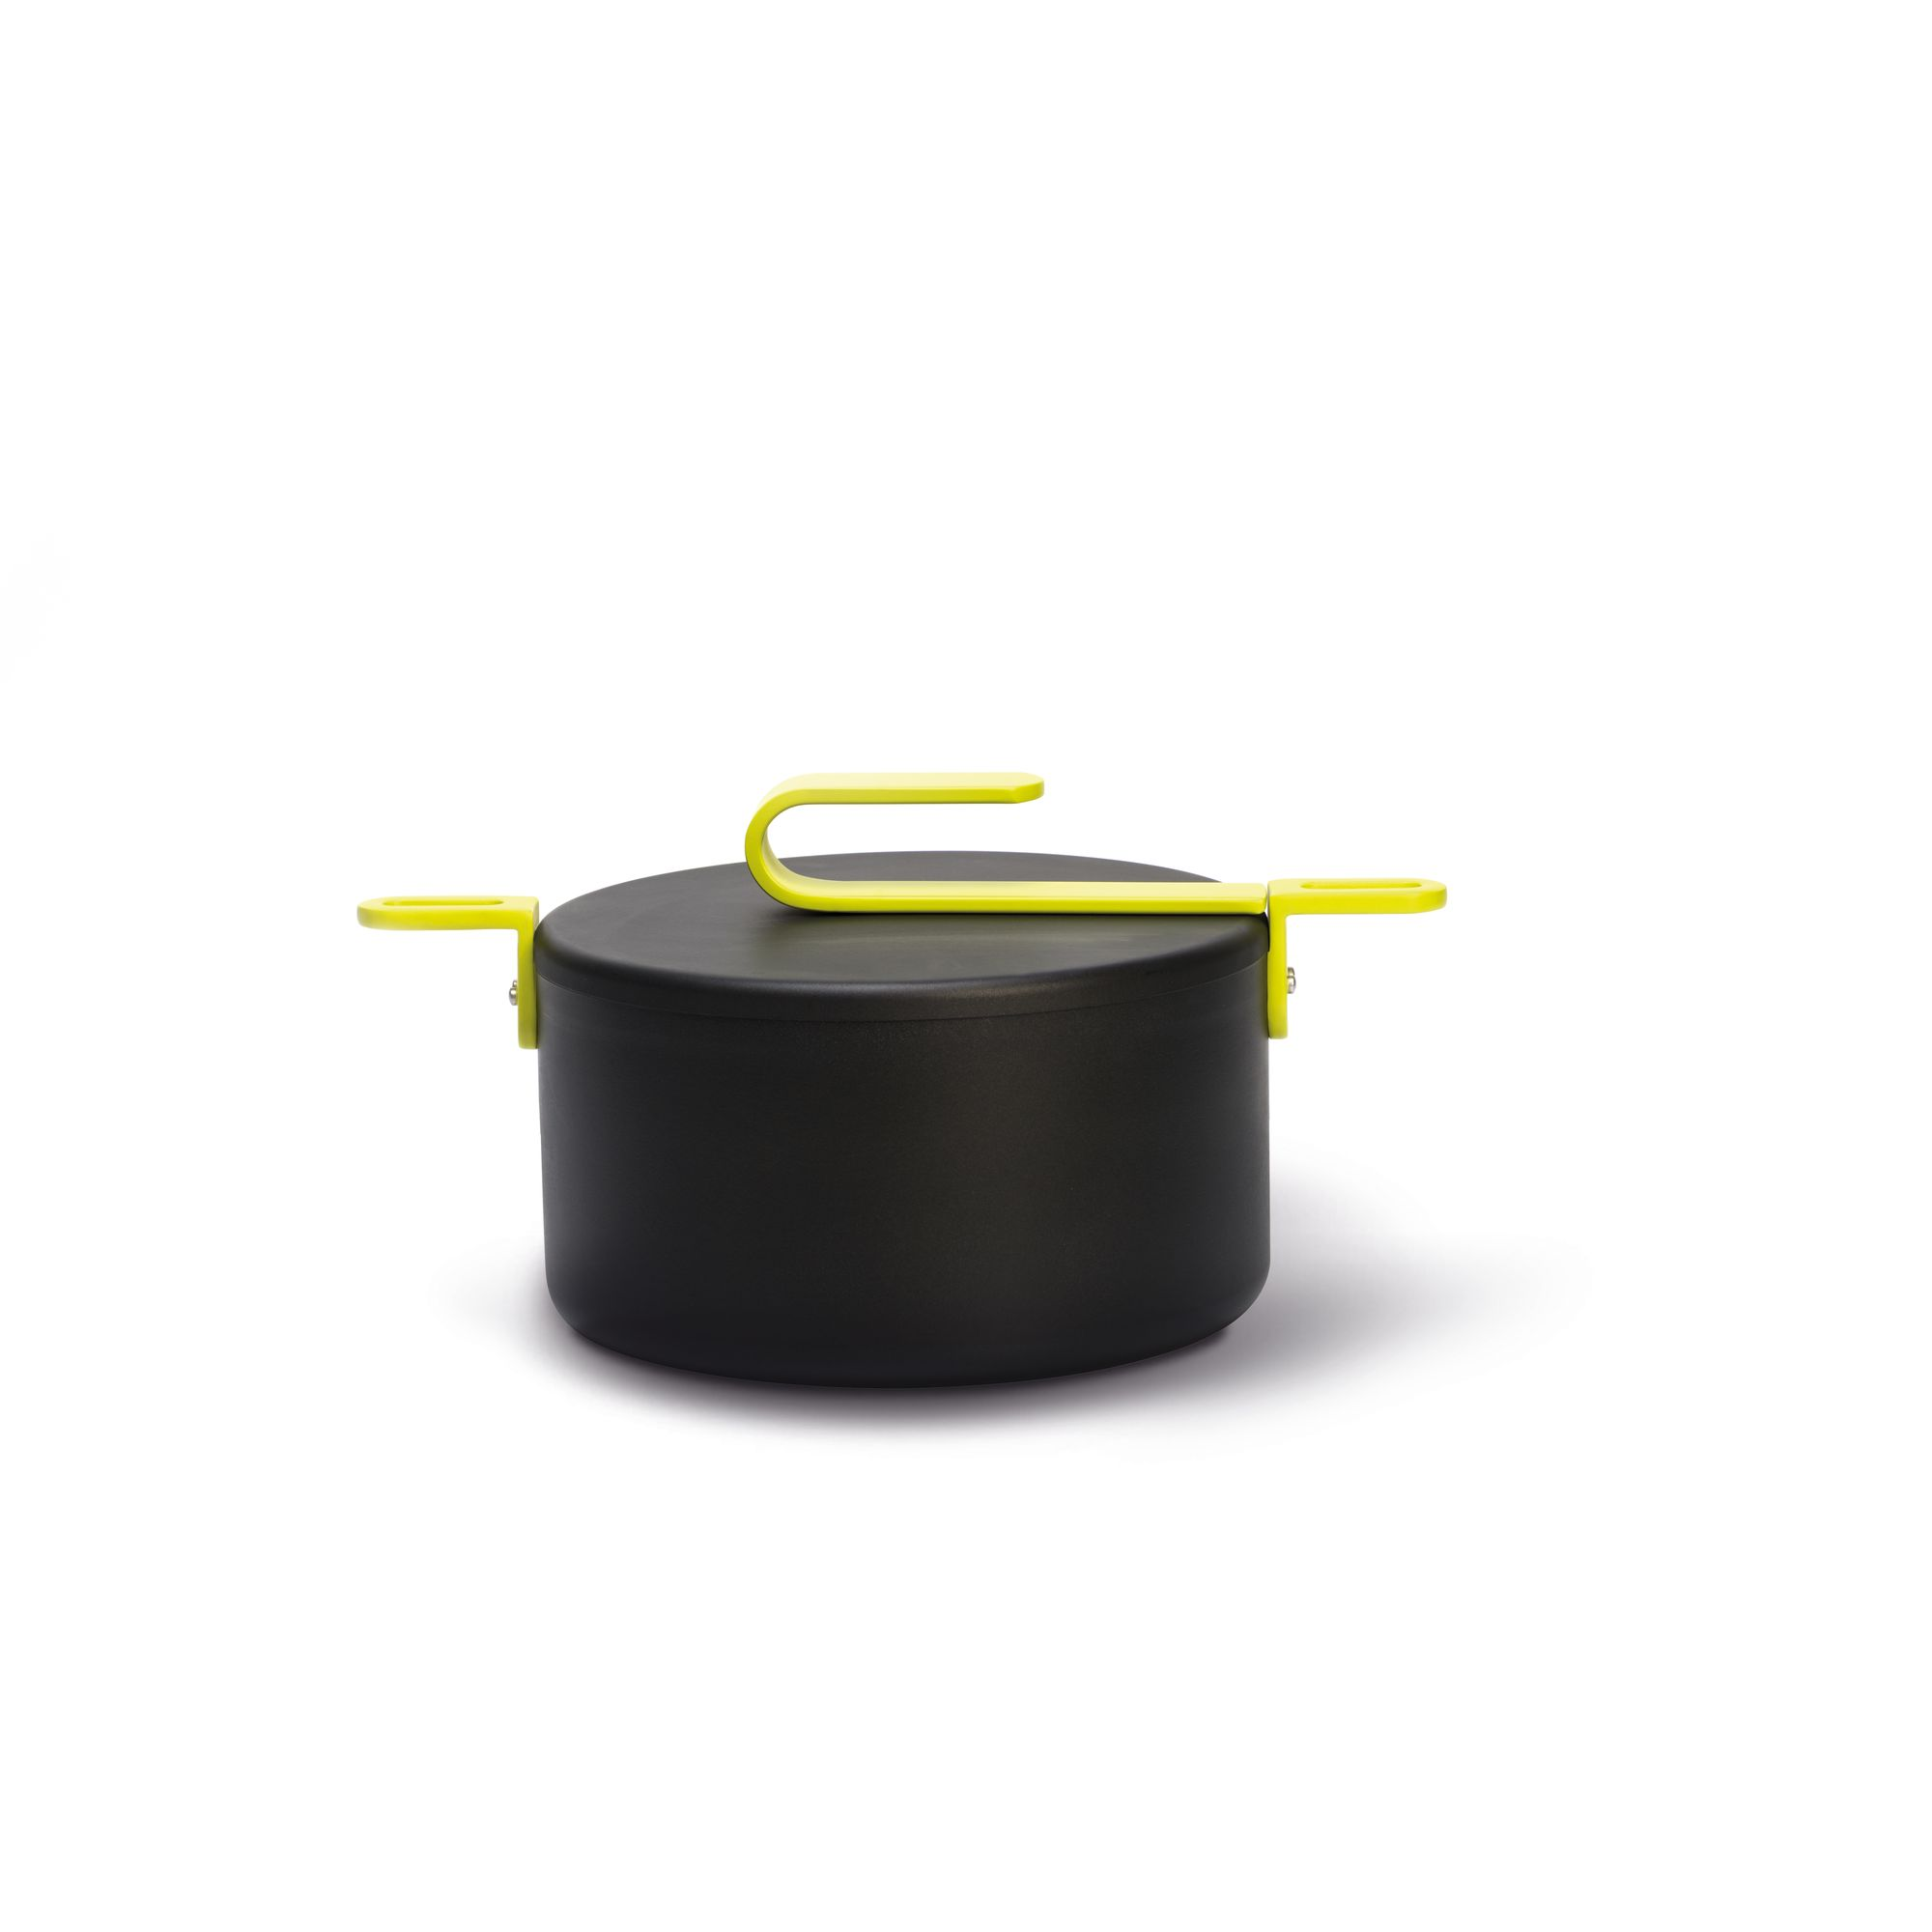 Кастрюля с алюминевой крышкой HOOK 20 смКачественное антипригарное покрытие PLUSTEK by TVS, стойкое к царапинам и истираниюКорпус из толстого алюминия для наилучшей теплопроводностиСтальные ручки и рукоятки с эксклюзивным дизайномИдеально удобное подвешивание благодаря ручкам и серийным комплектующимКрышки из алюминияПодходит для всех типов плит, в том числе индукционныхВсе антипригарные покрытия TVS не содержат никеля, тяжелых металлов и ПФОАГарантия 5 летДизайн от Карим Рашида<br>